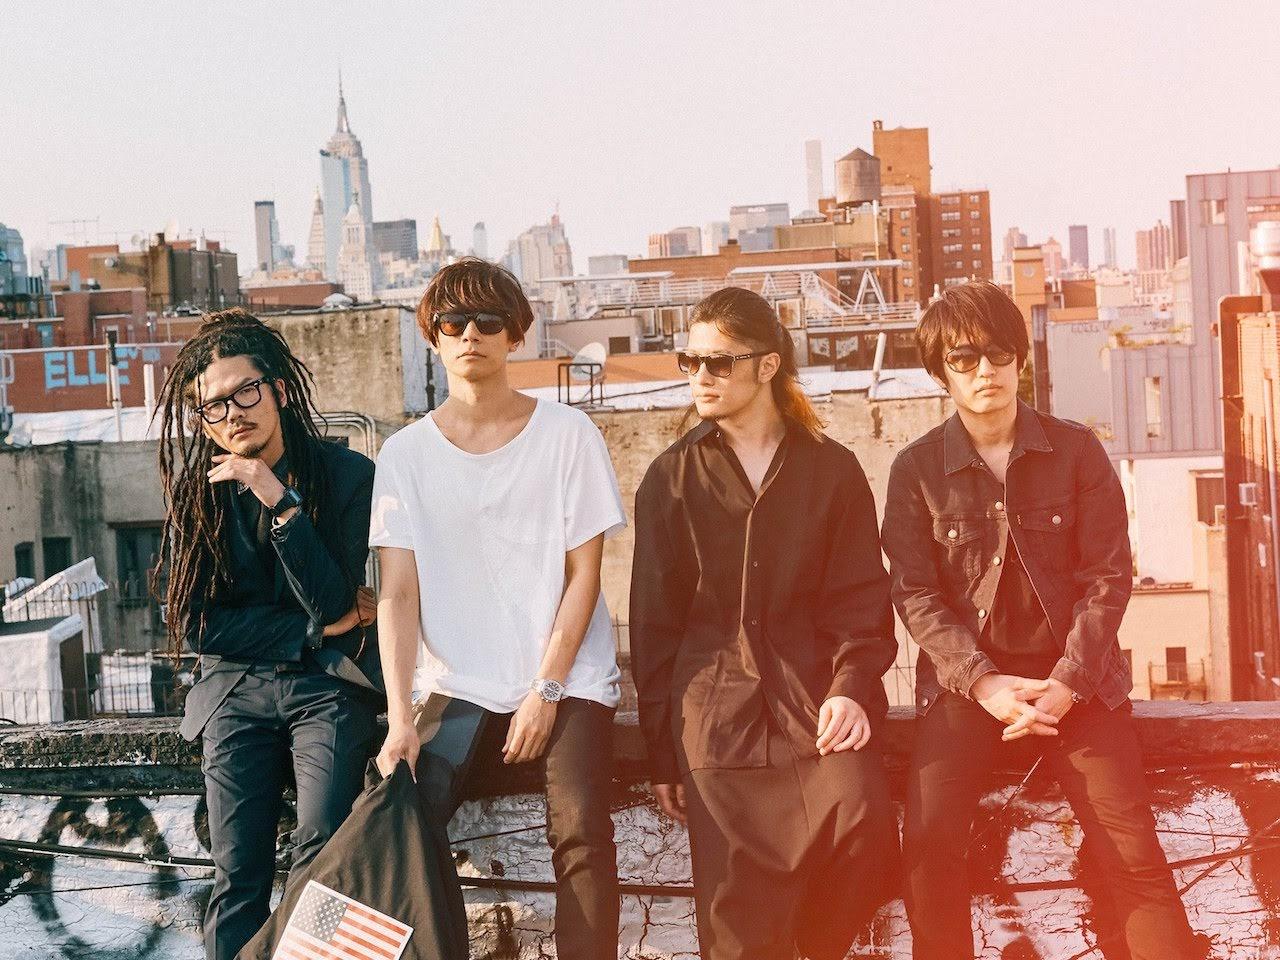 【迷迷專訪】(有片) [ALEXANDROS]專輯《Sleepless in Brooklyn 布魯克林夜未眠》台壓發行 談在美國生活的半年